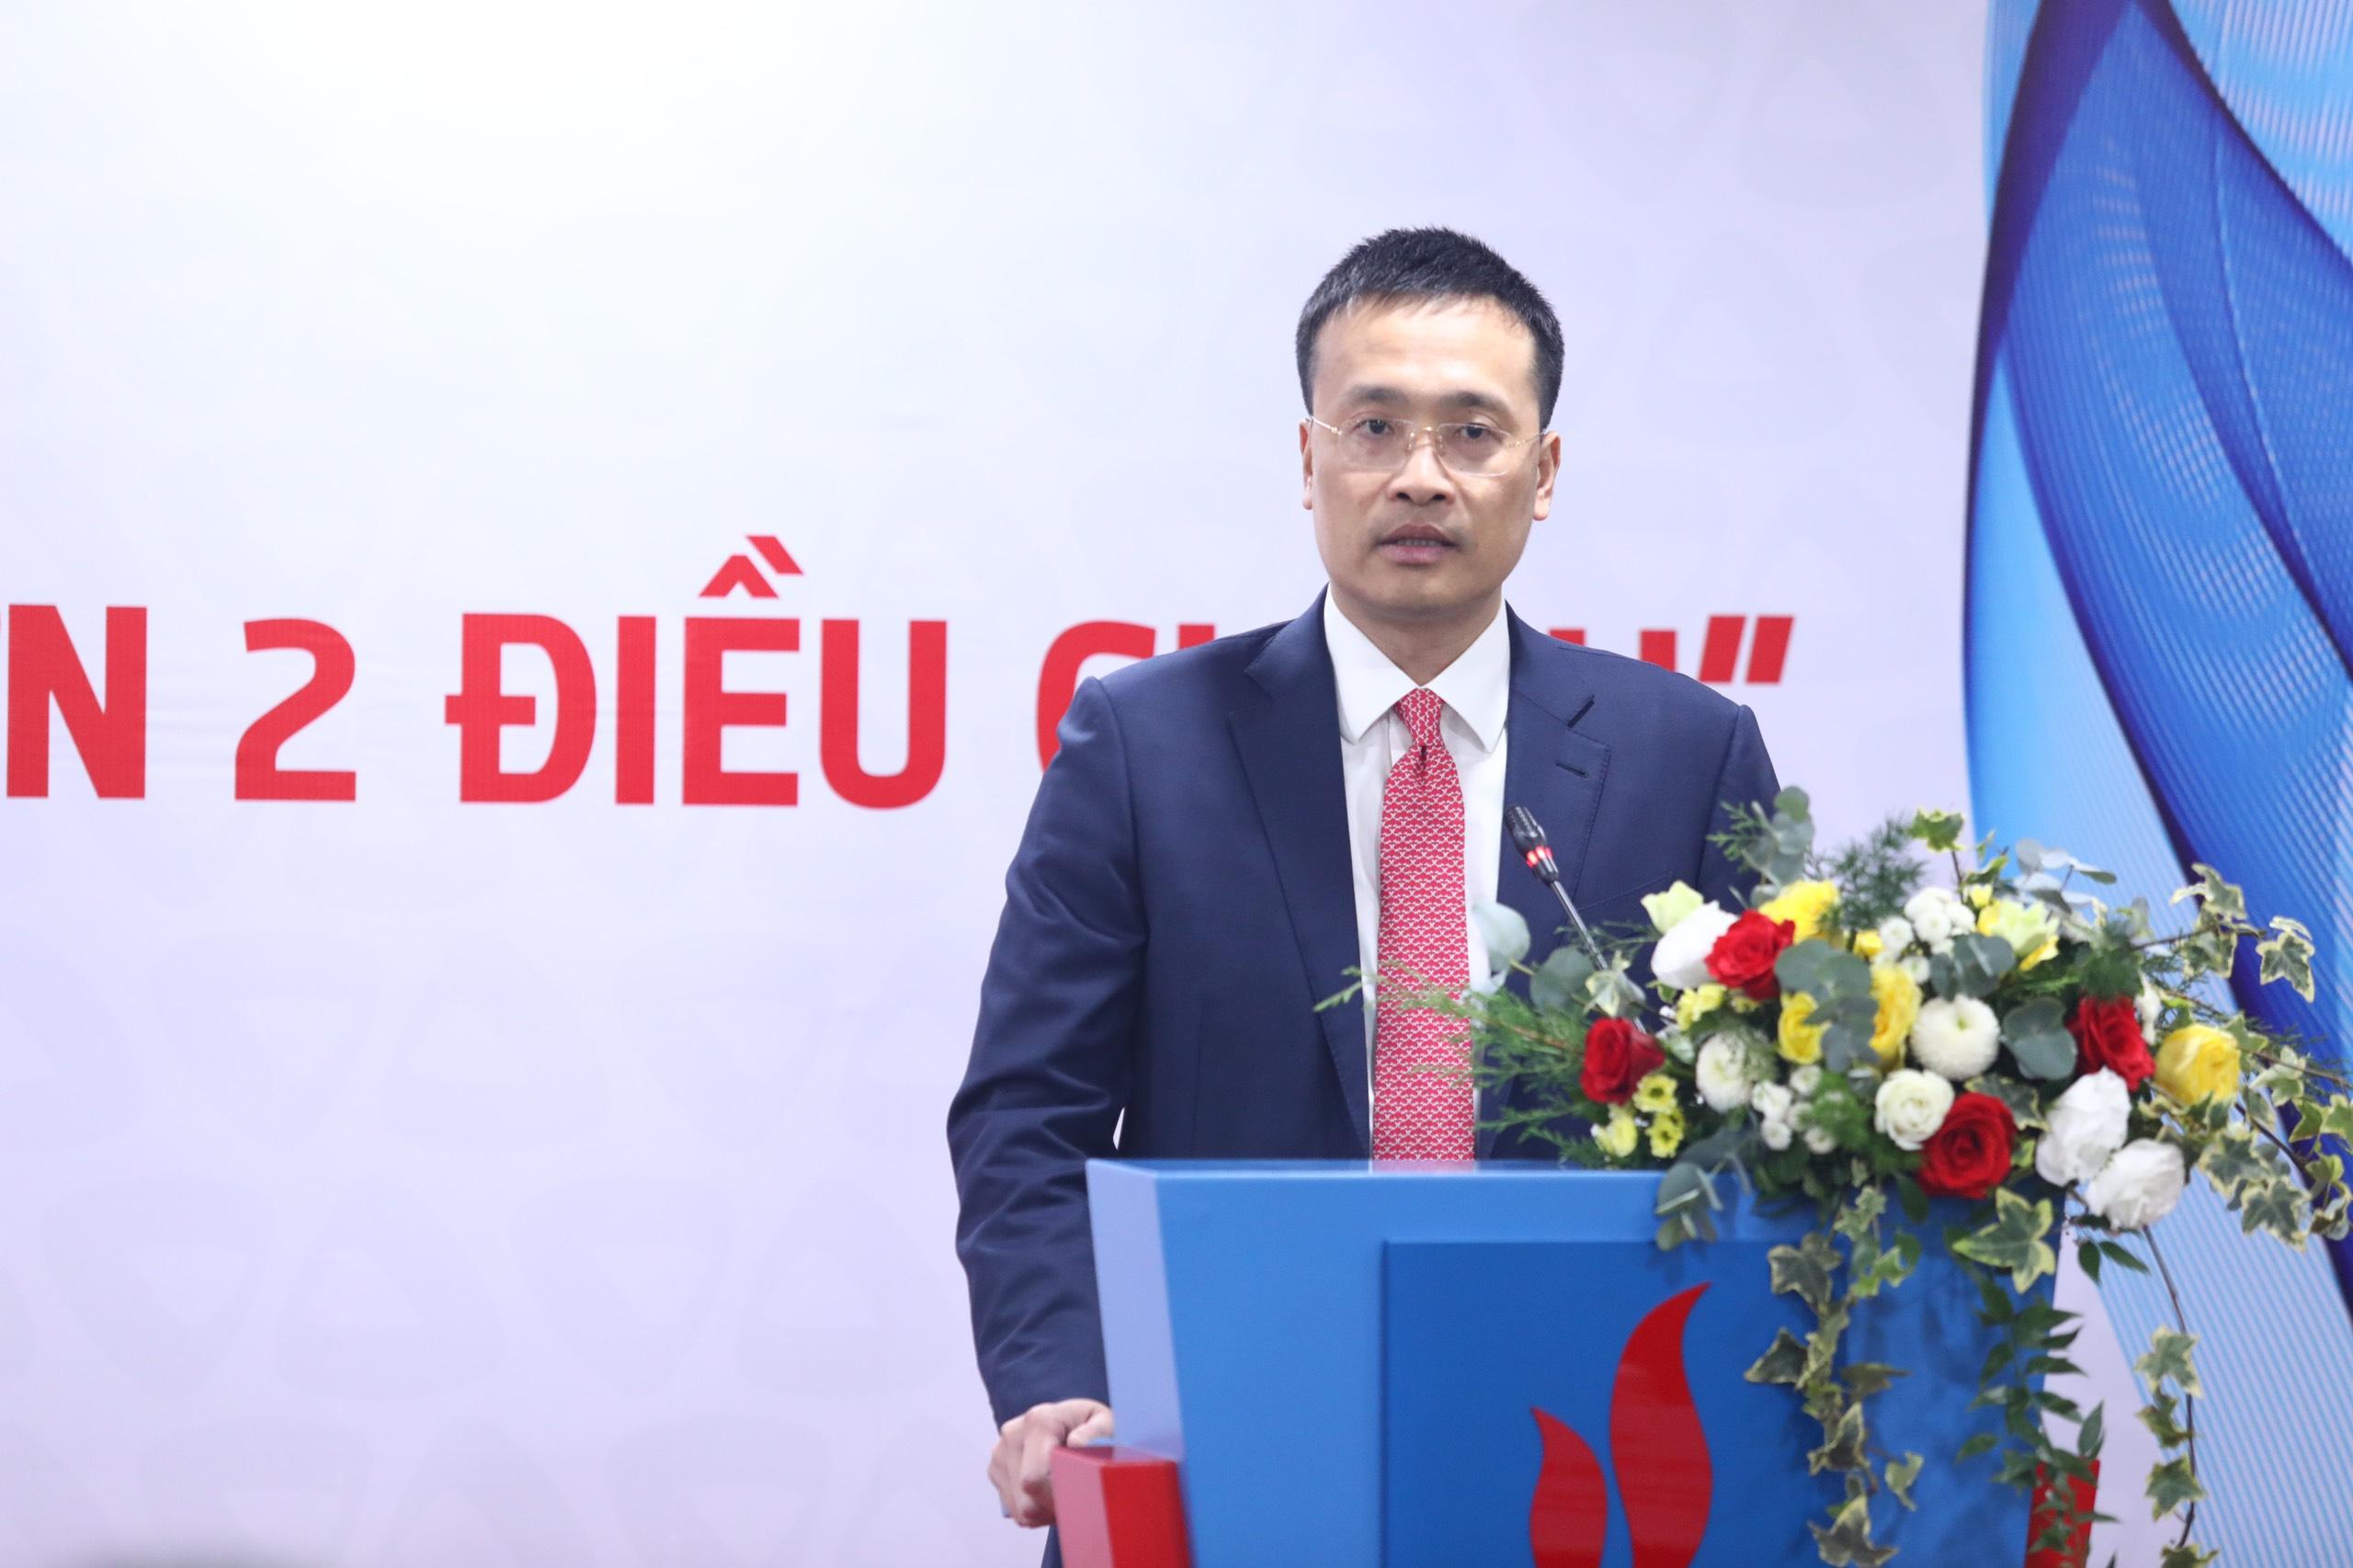 Phát biểu cảm ơn và chúc mừng của ông Phạm Quang Dũng, Ủy viên BCH Đảng bộ Khối DNTW, Phó Bí thư Đảng ủy, TGĐ Vietcombank